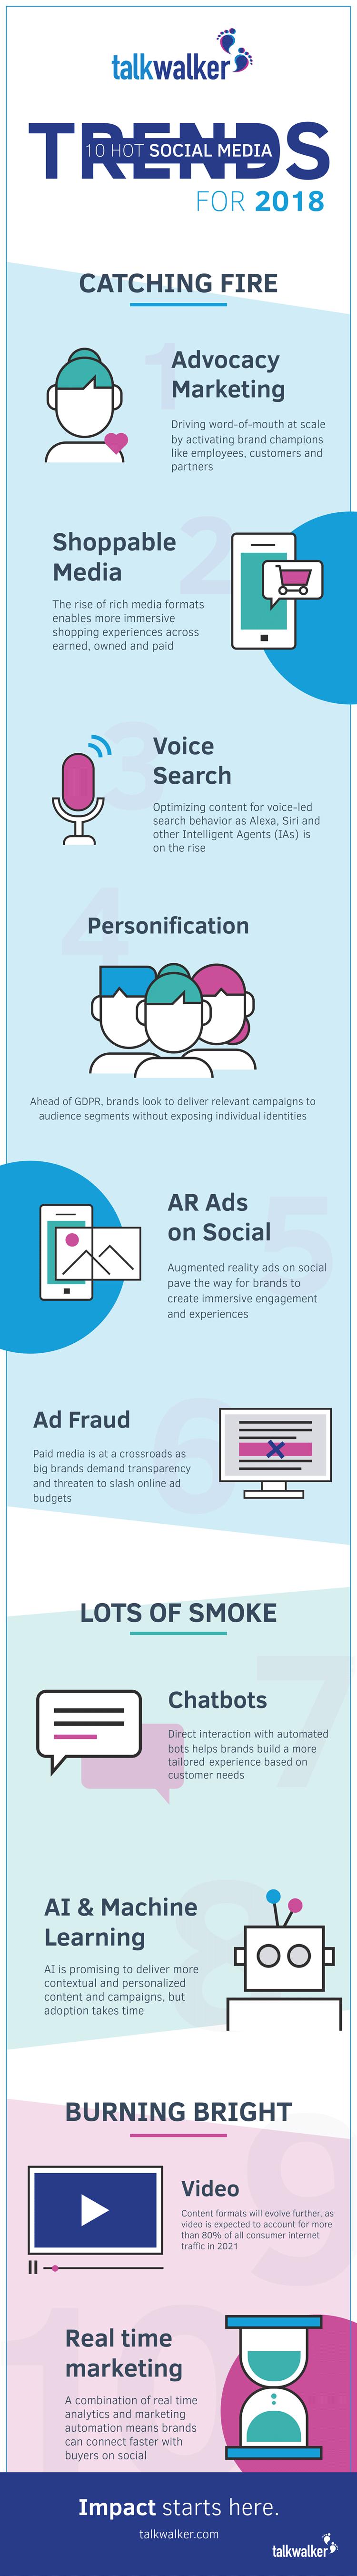 Infografik: Social Media Marketing Trends 2018